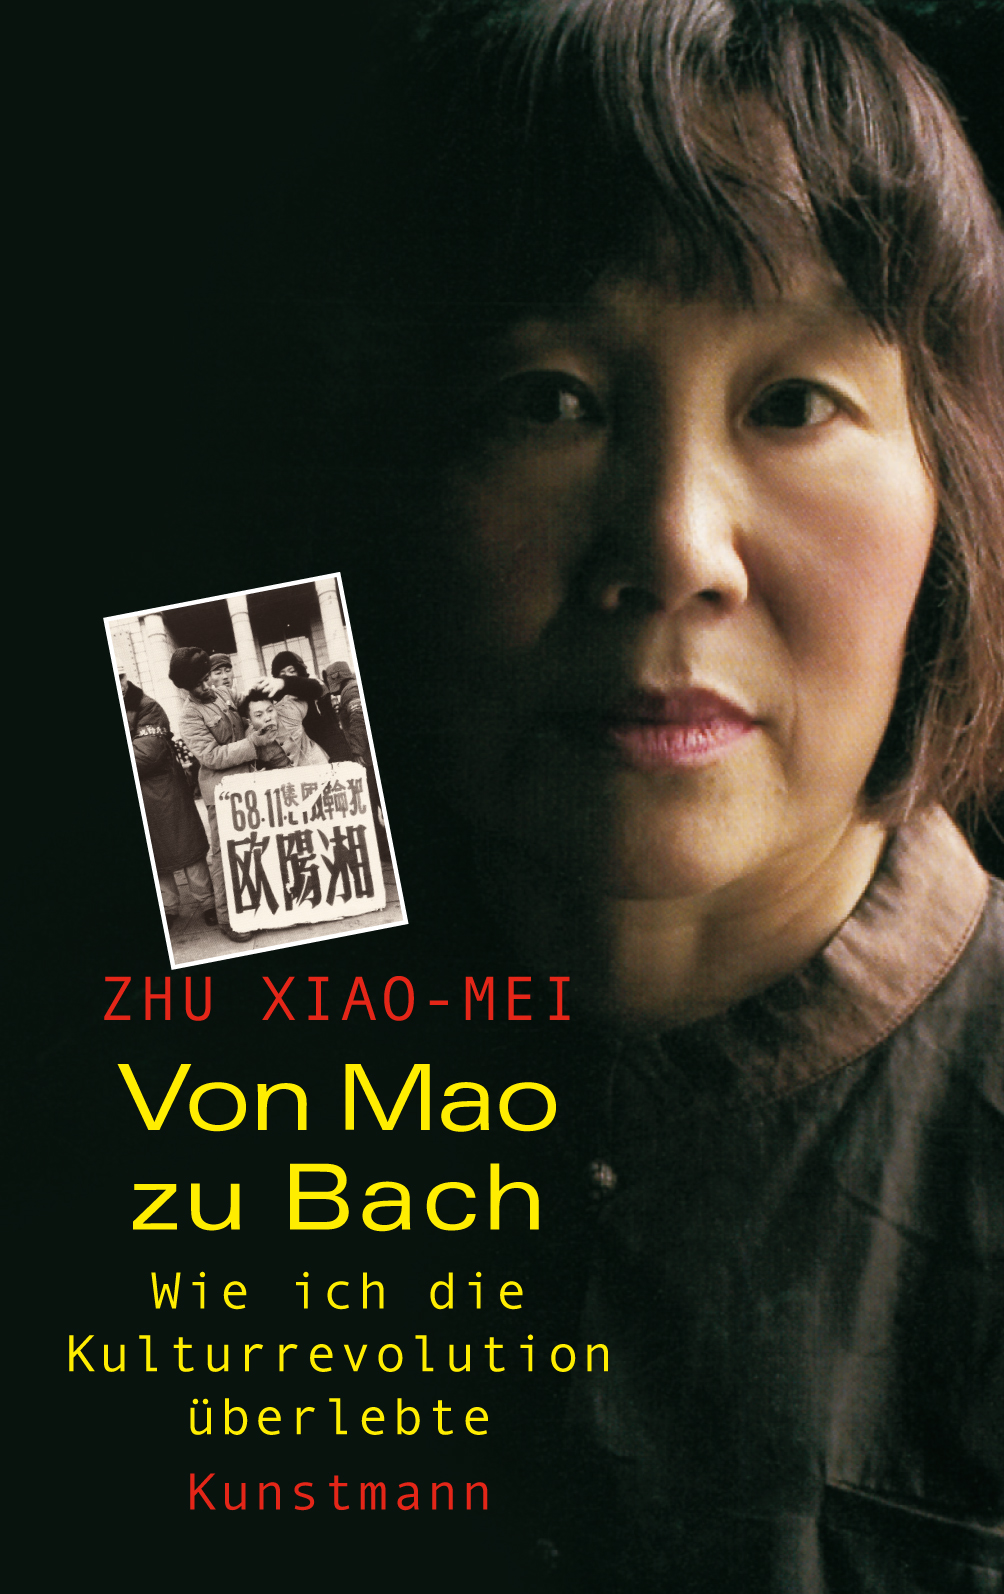 NEU-Von-Mao-zu-Bach-Zhu-Xiao-Mei-978937